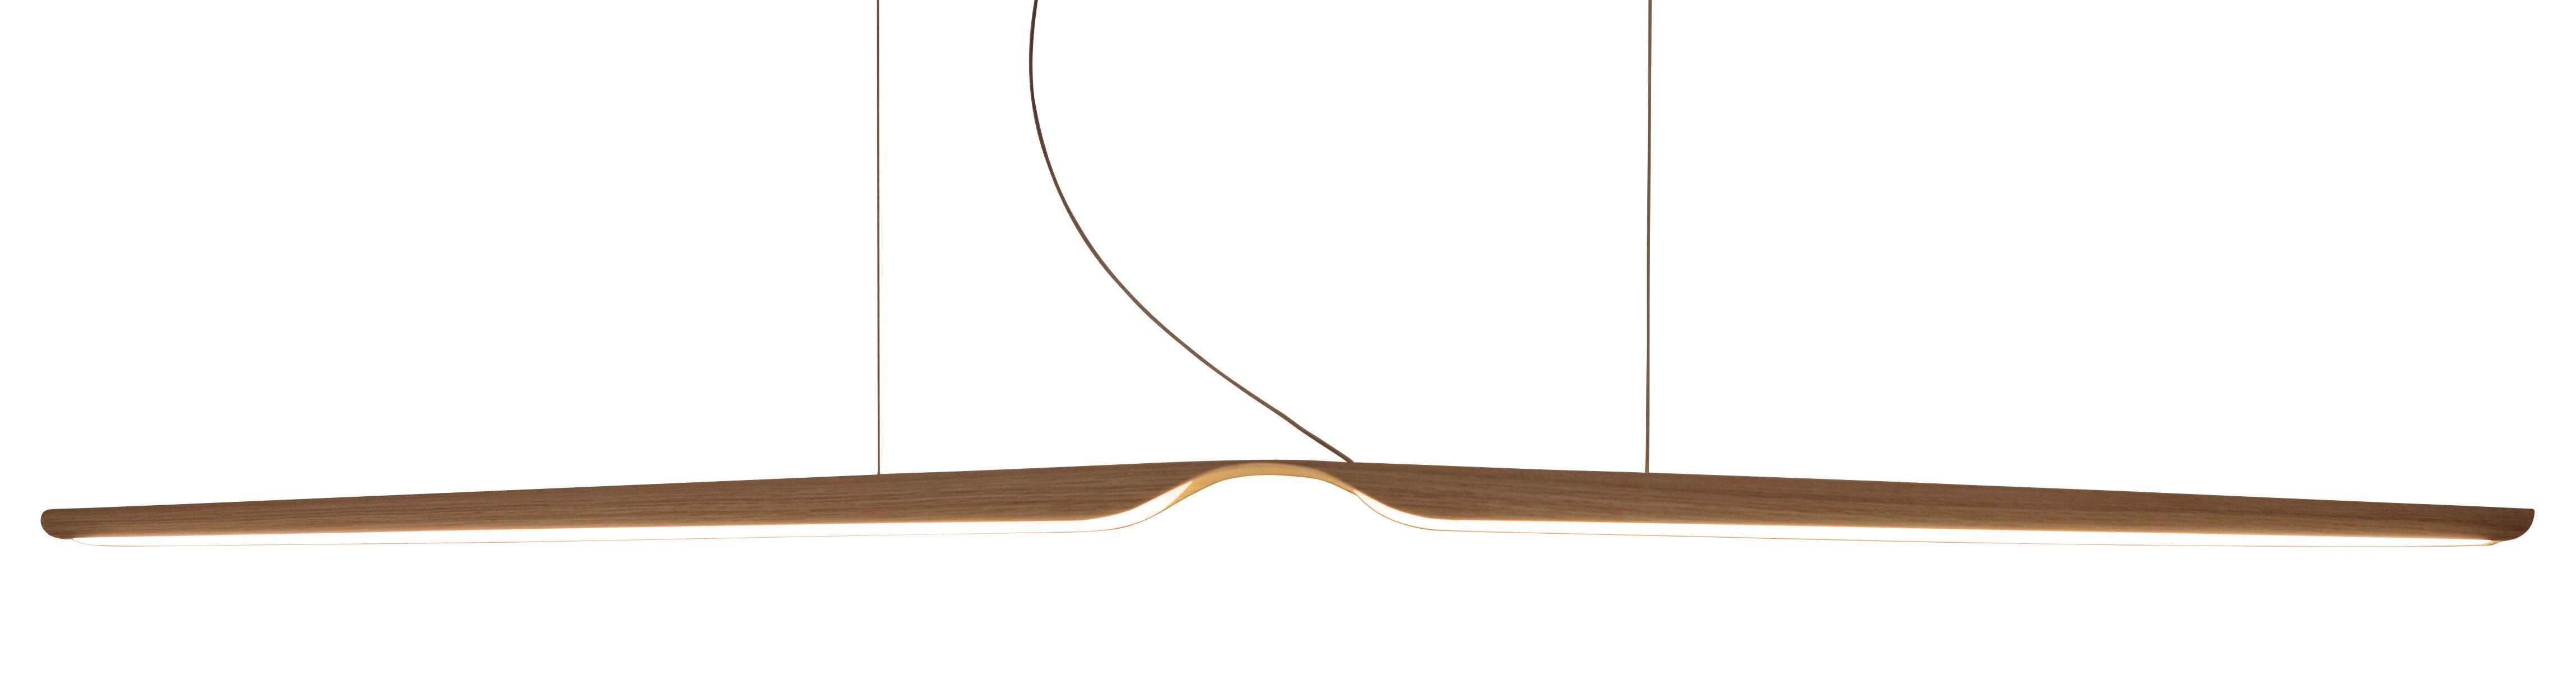 Leuchten - Pendelleuchten - Swan Pendelleuchte / L 162 cm - Tunto - Eiche - Eiche